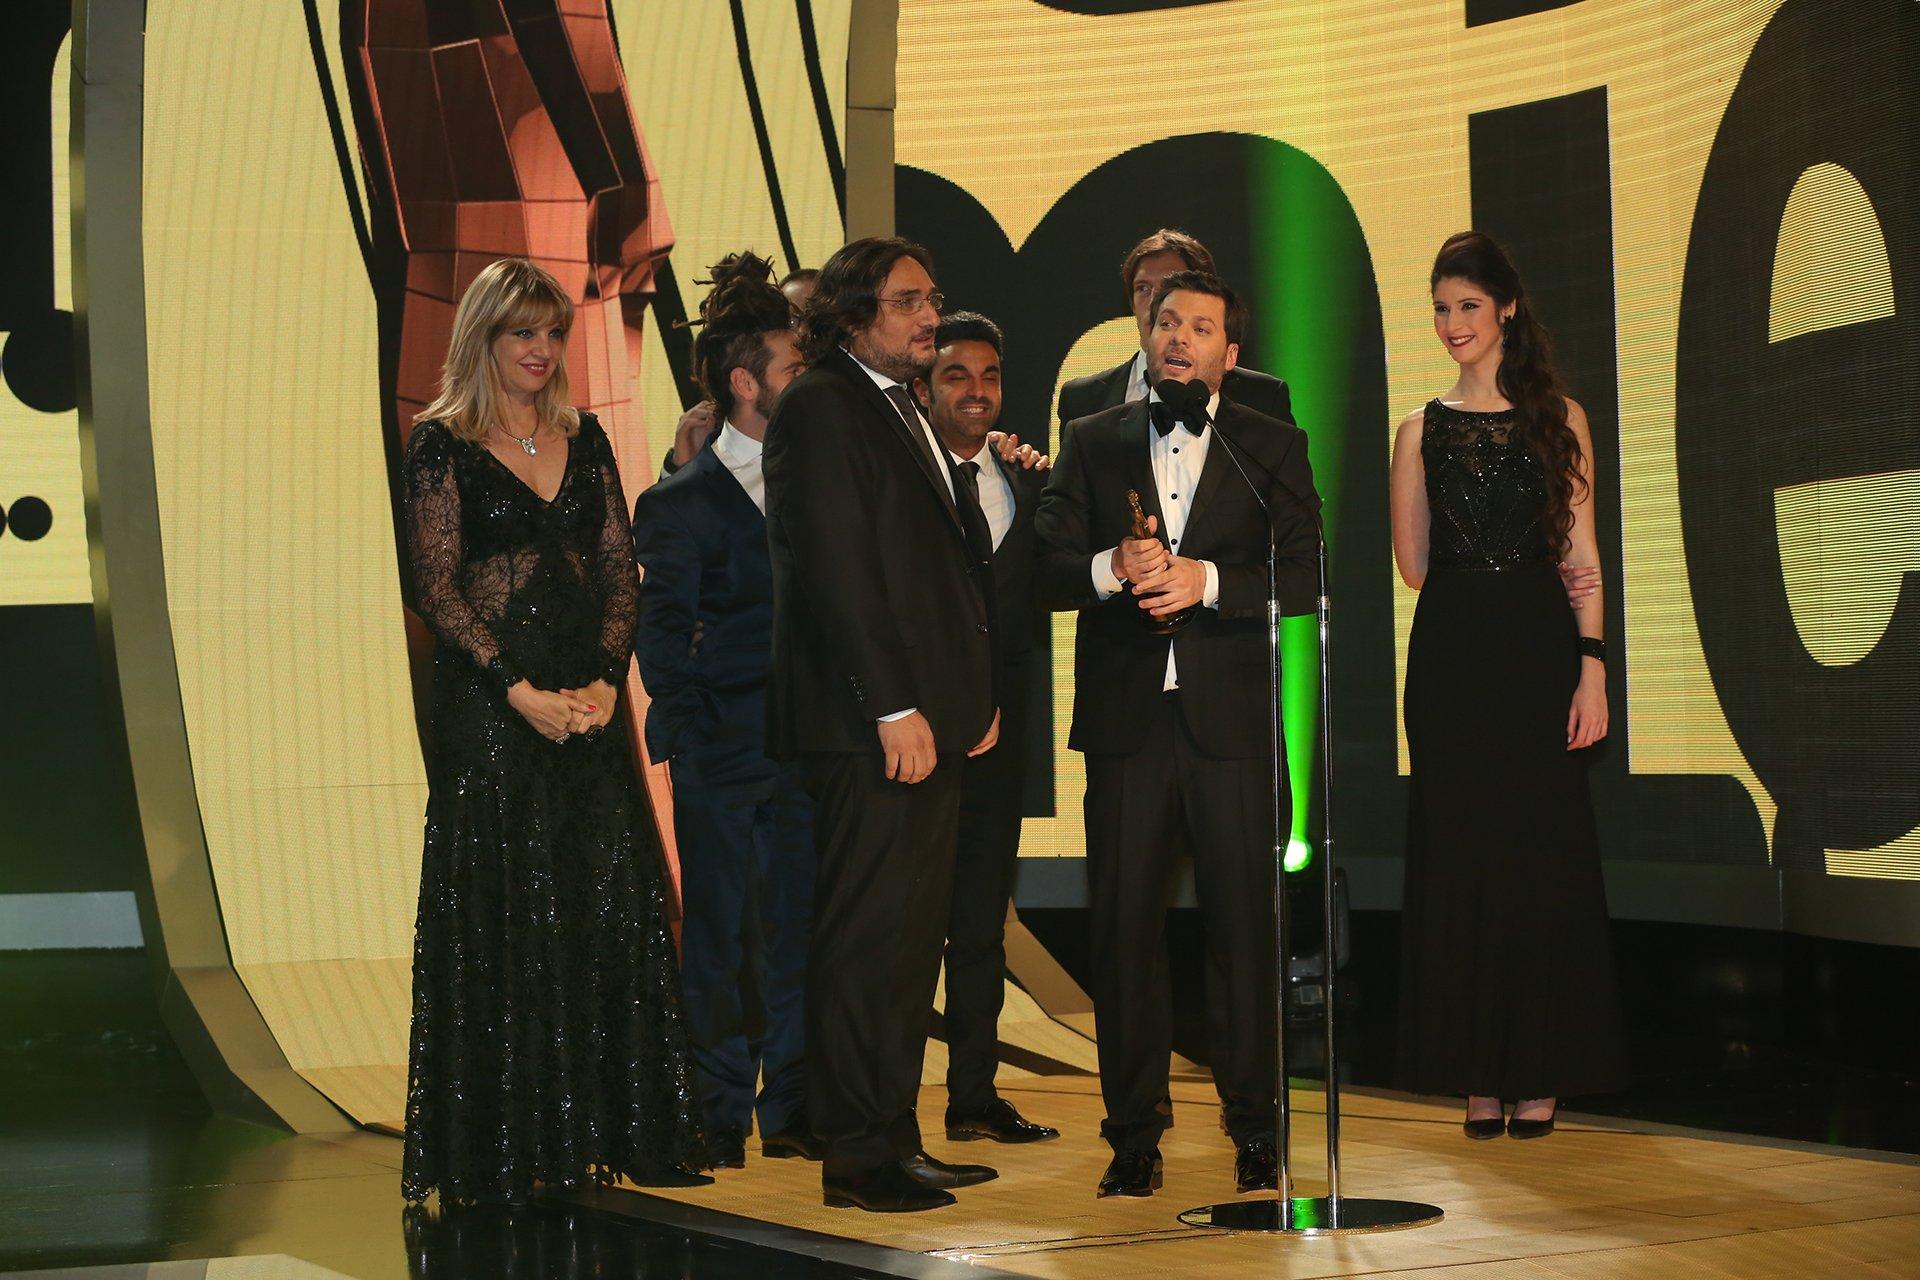 Guido Kaczka habla por el Martín Fierro 2016 que ganó el programa 8 Escalones, en la categoría Entretenimientos